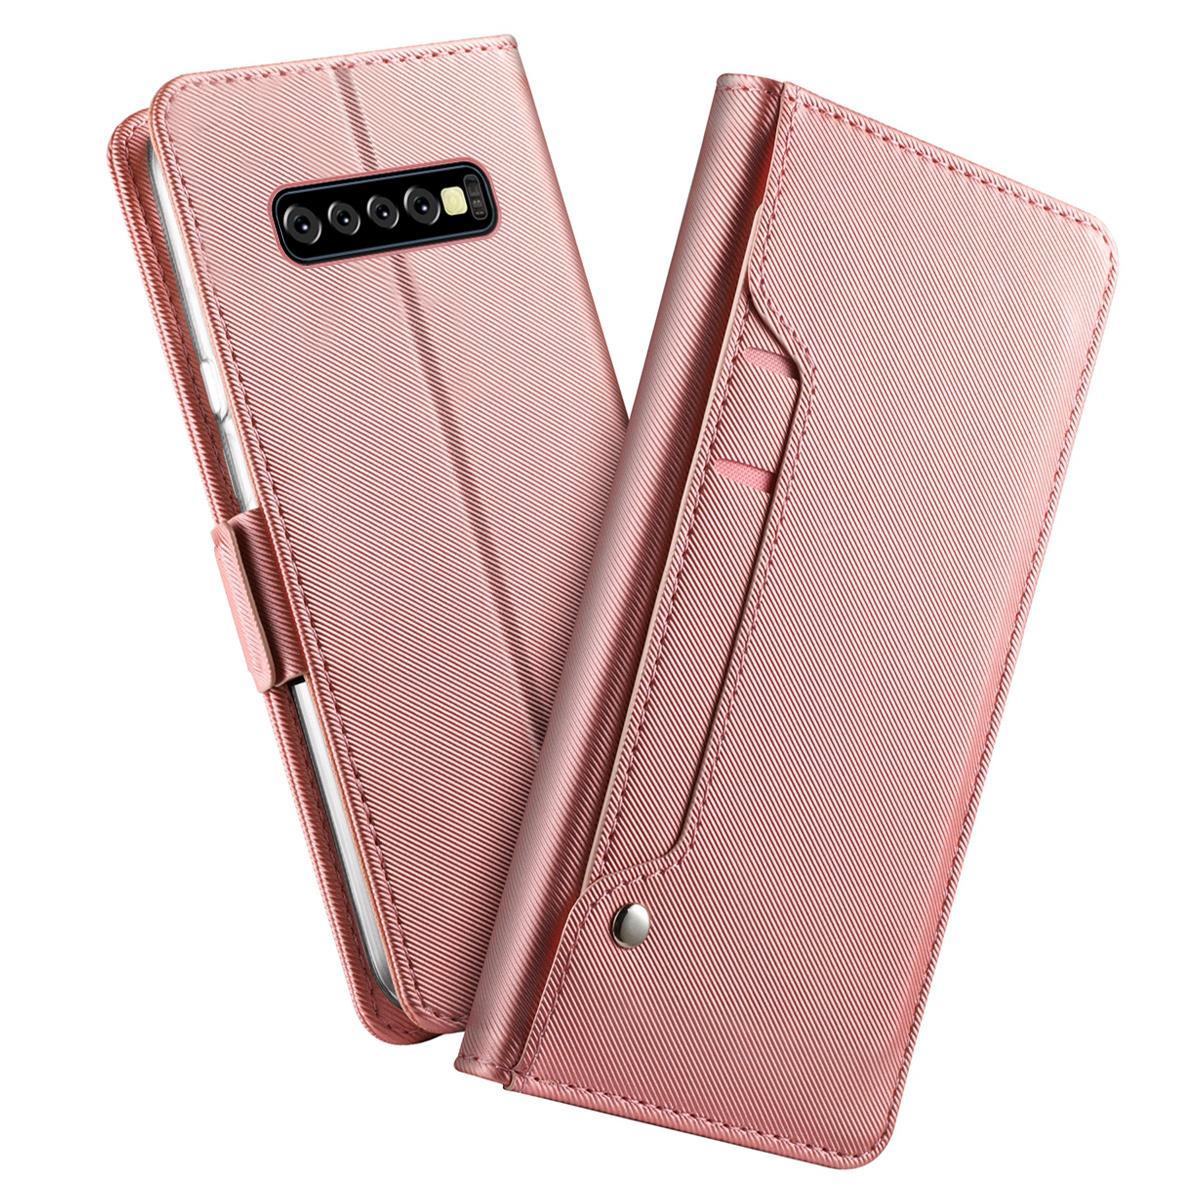 Plånboksfodral Spegel Galaxy S10 Plus Rosa Guld